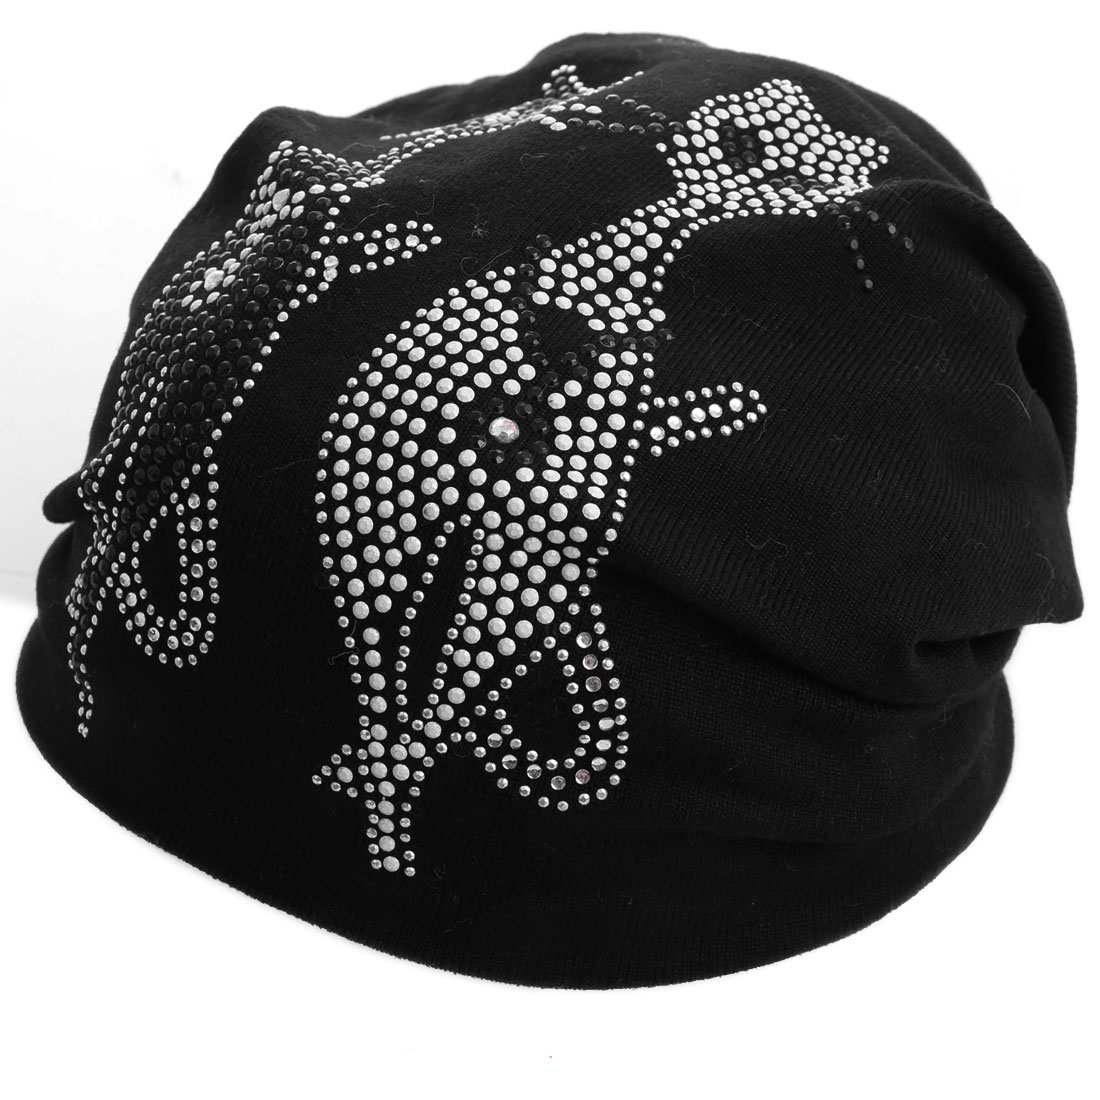 Black Double Foxes Pattern Studs Embellished Knit Beanie Hat Men Women